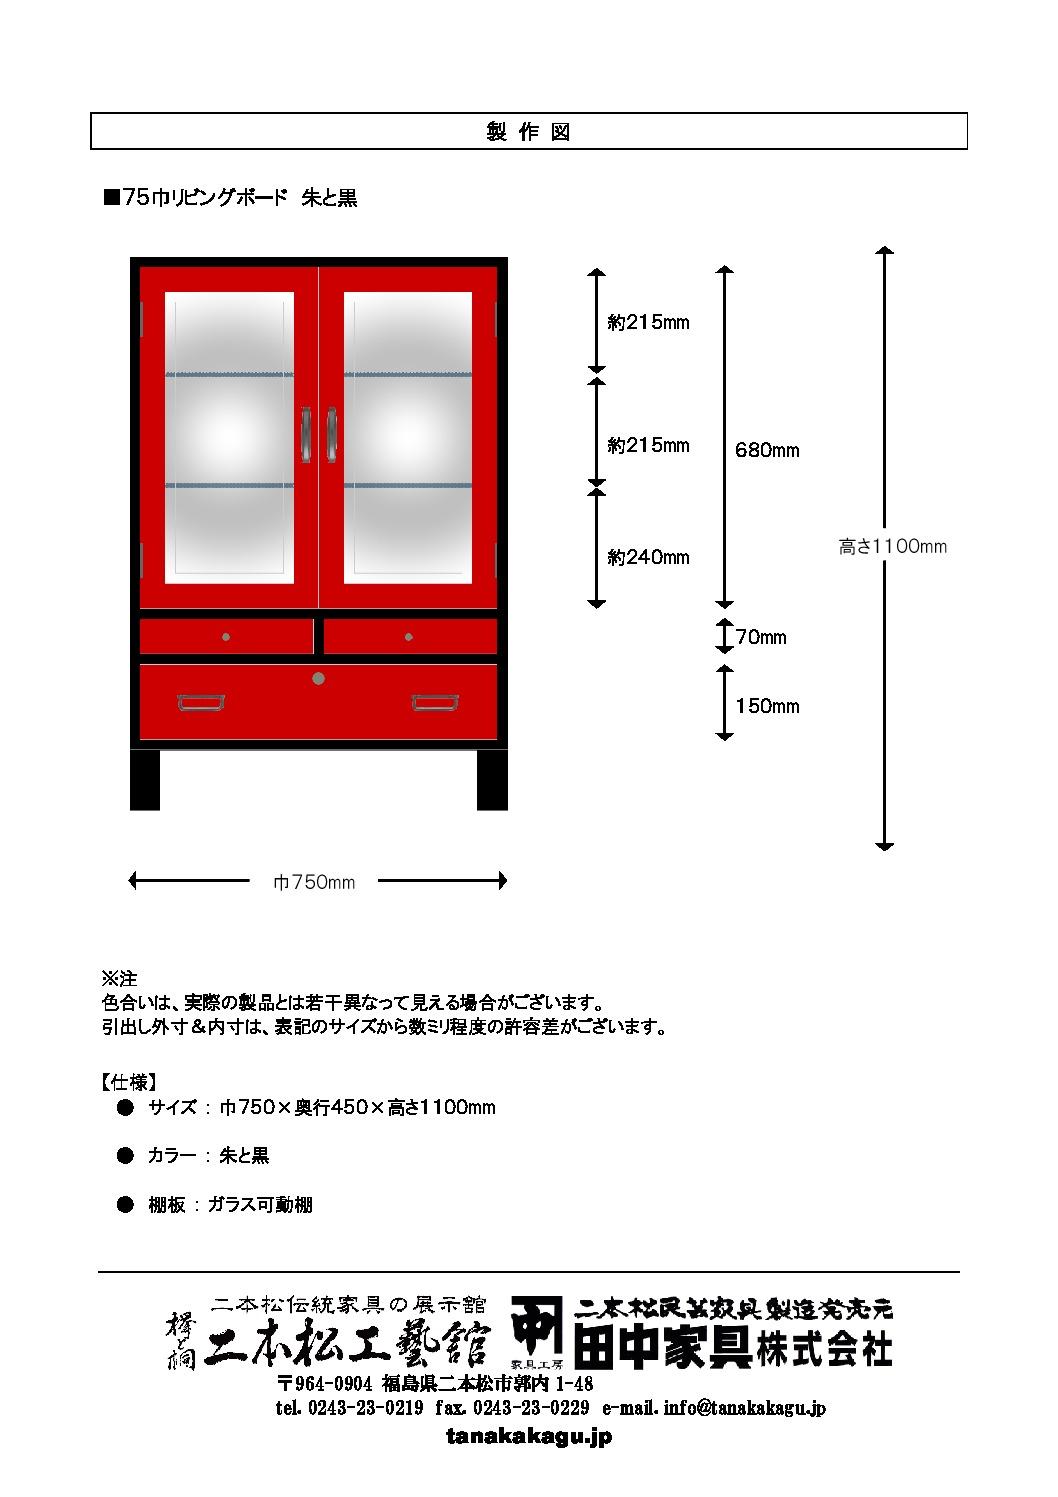 桐モダンスタイル リビングボード 75巾 朱&ブラック